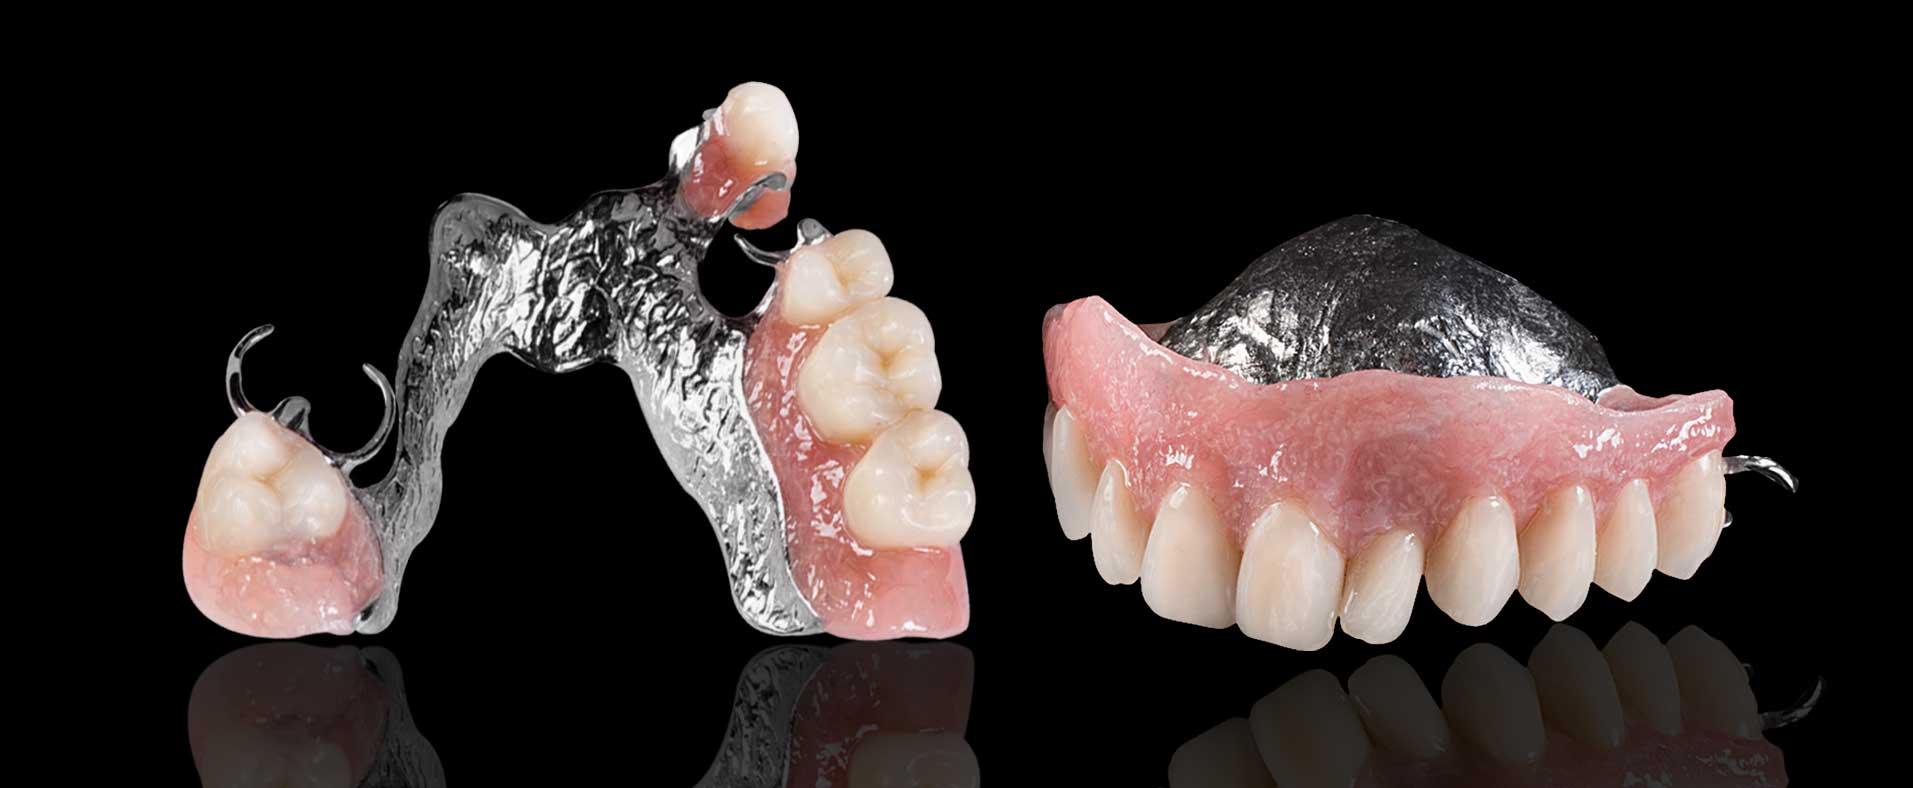 Протез зуба в домашних условиях 357